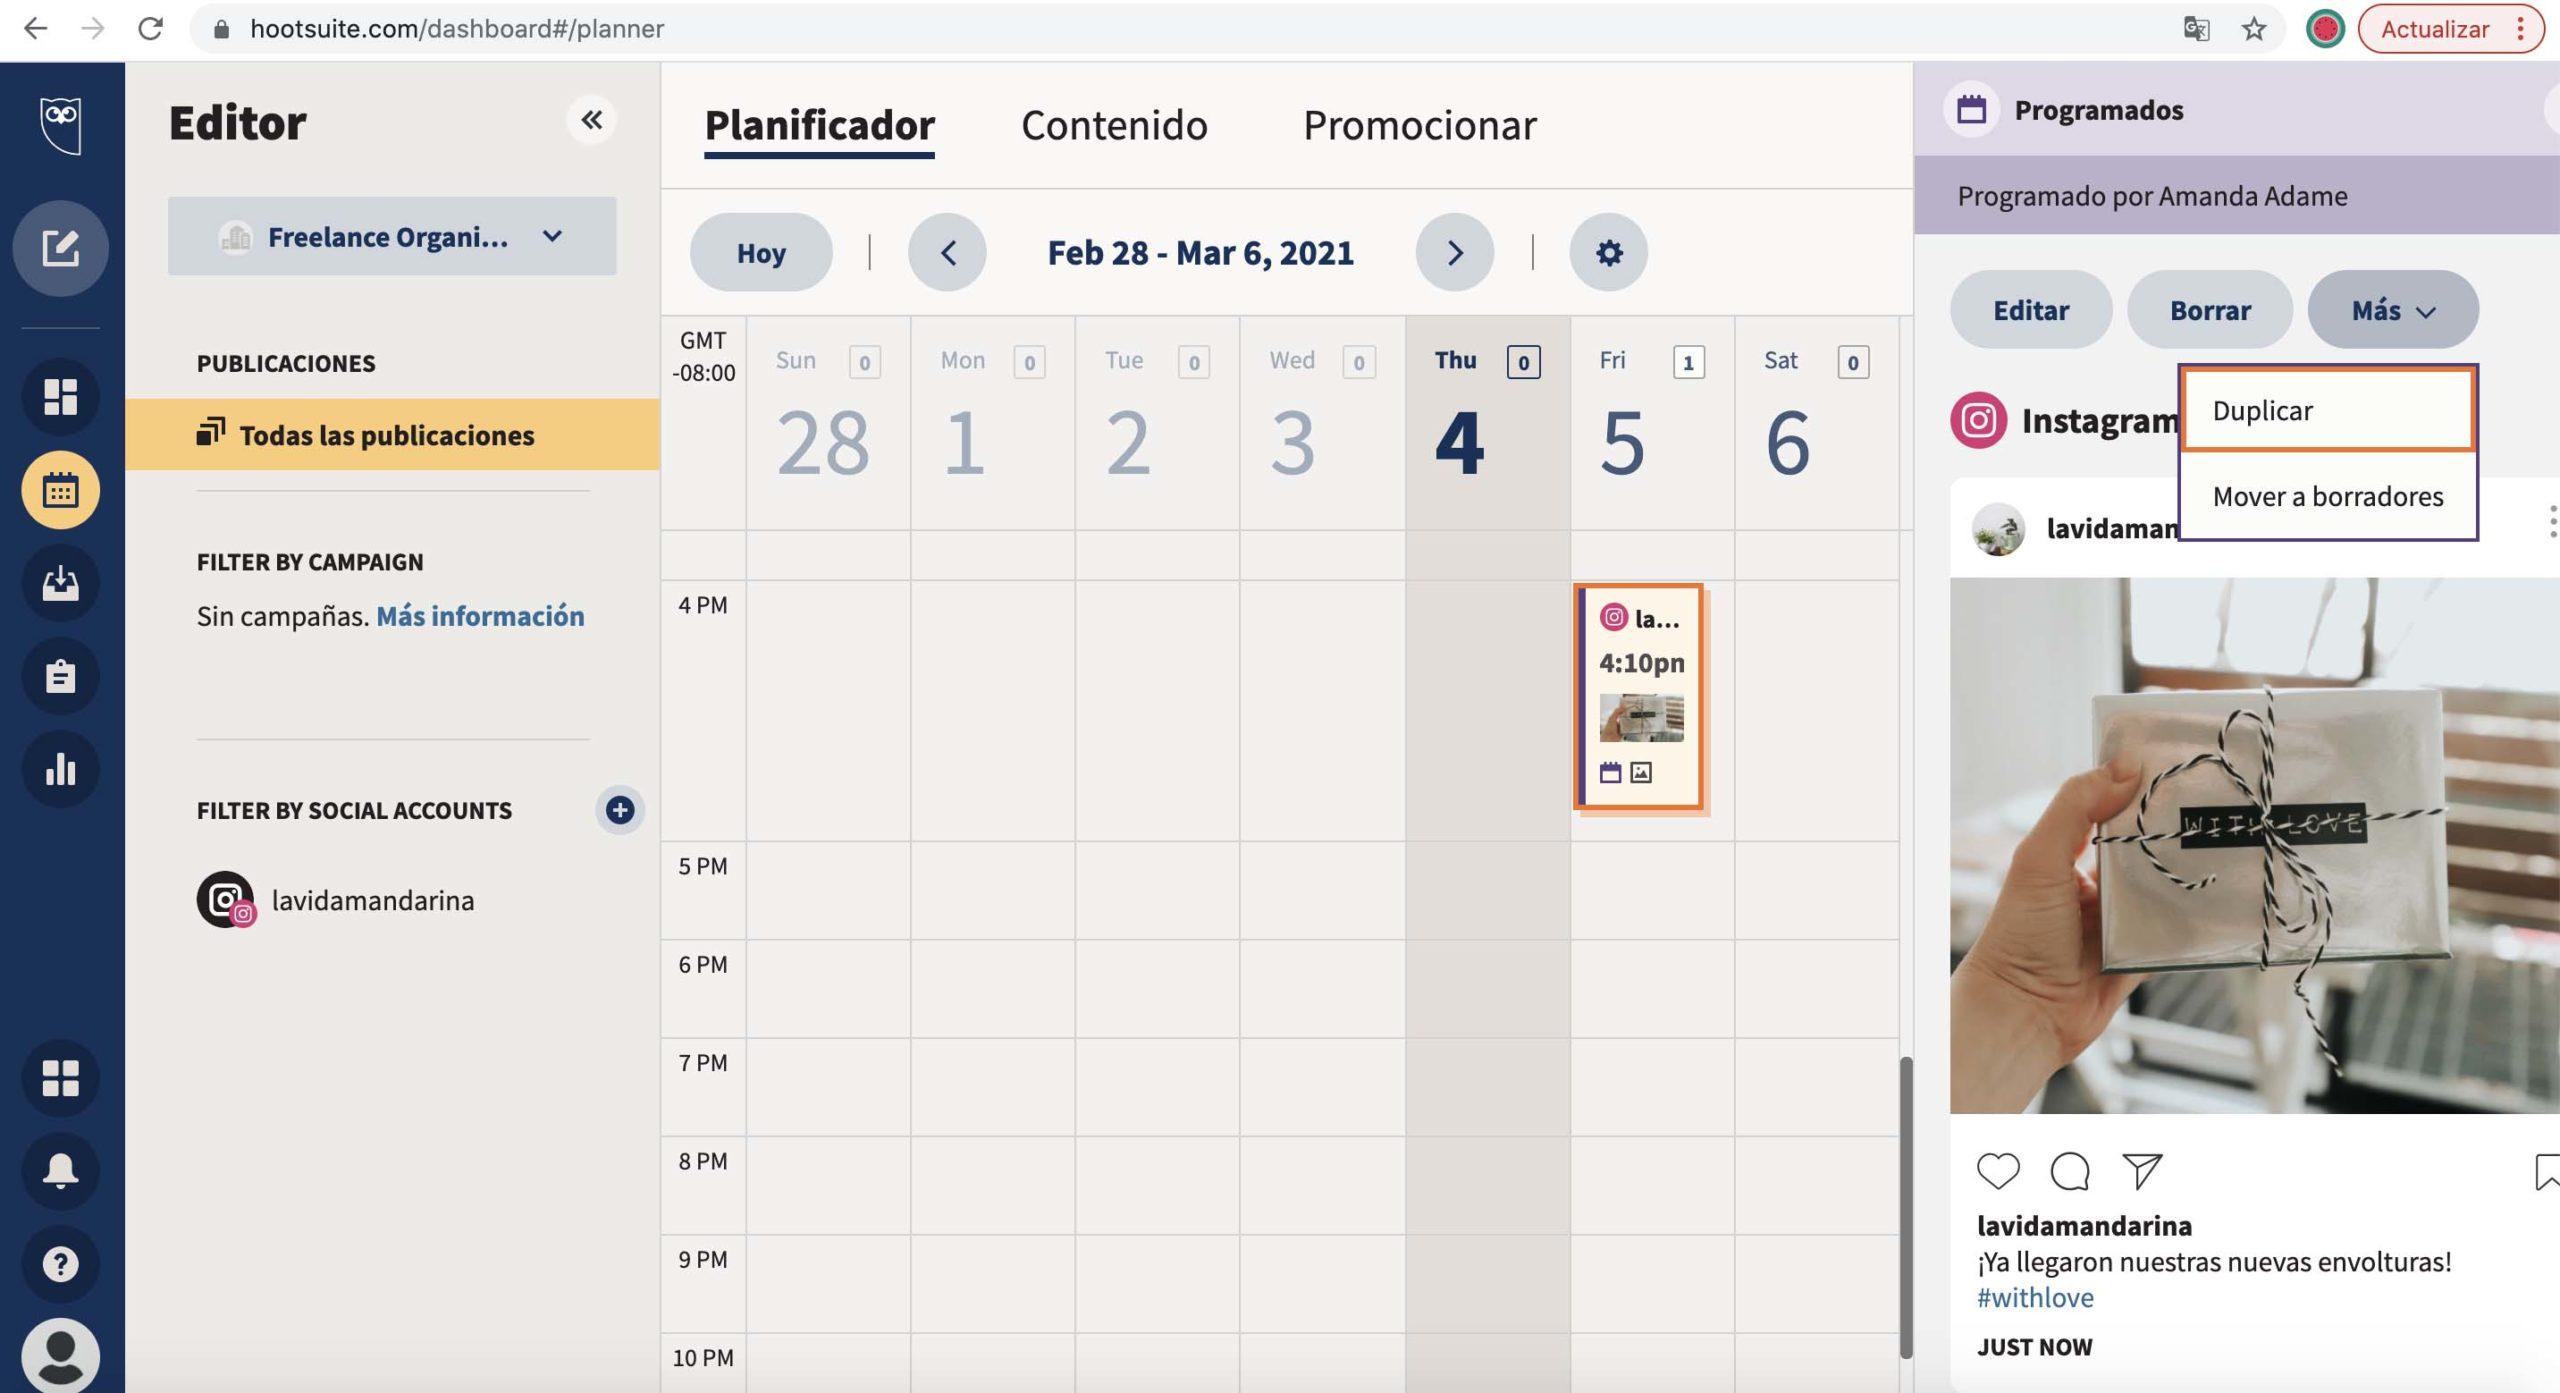 Publicación duplicada en el Planner